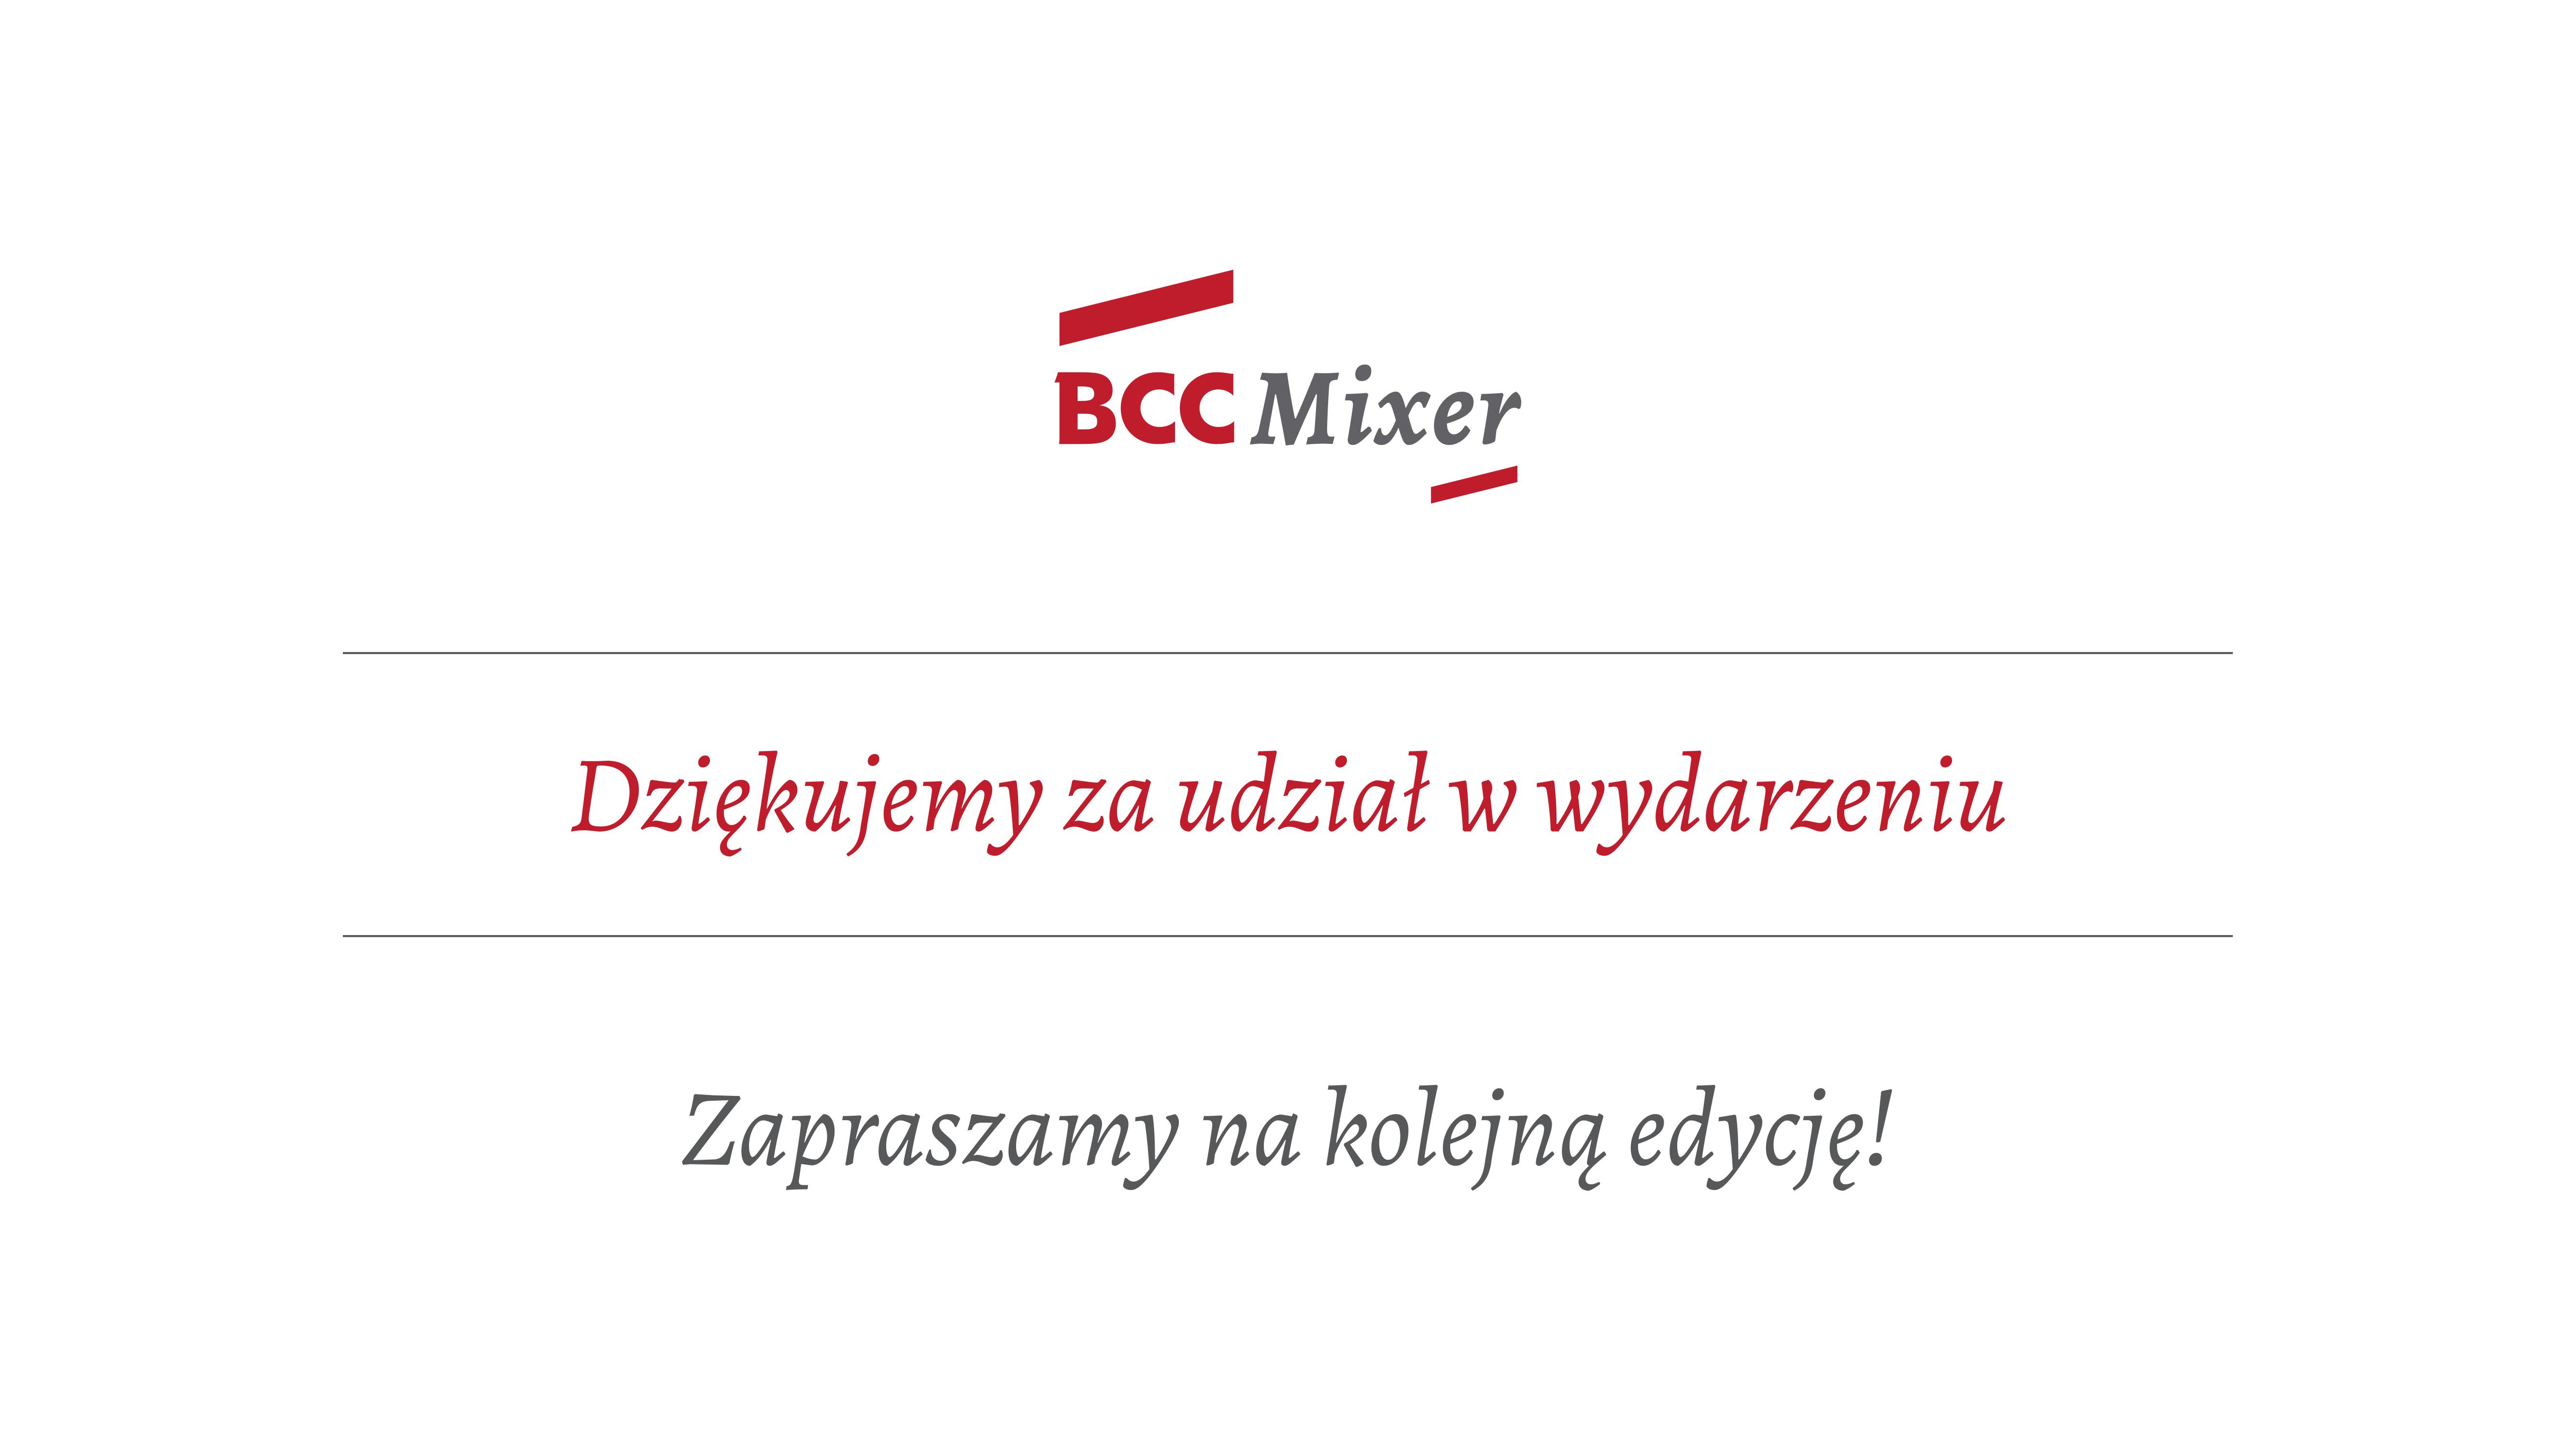 """""""Biznes to relacje. Porozmawiajmy"""" – to hasło przewodnie kolejnej edycji BCC Mixer, która odbyła się na MEETING15"""